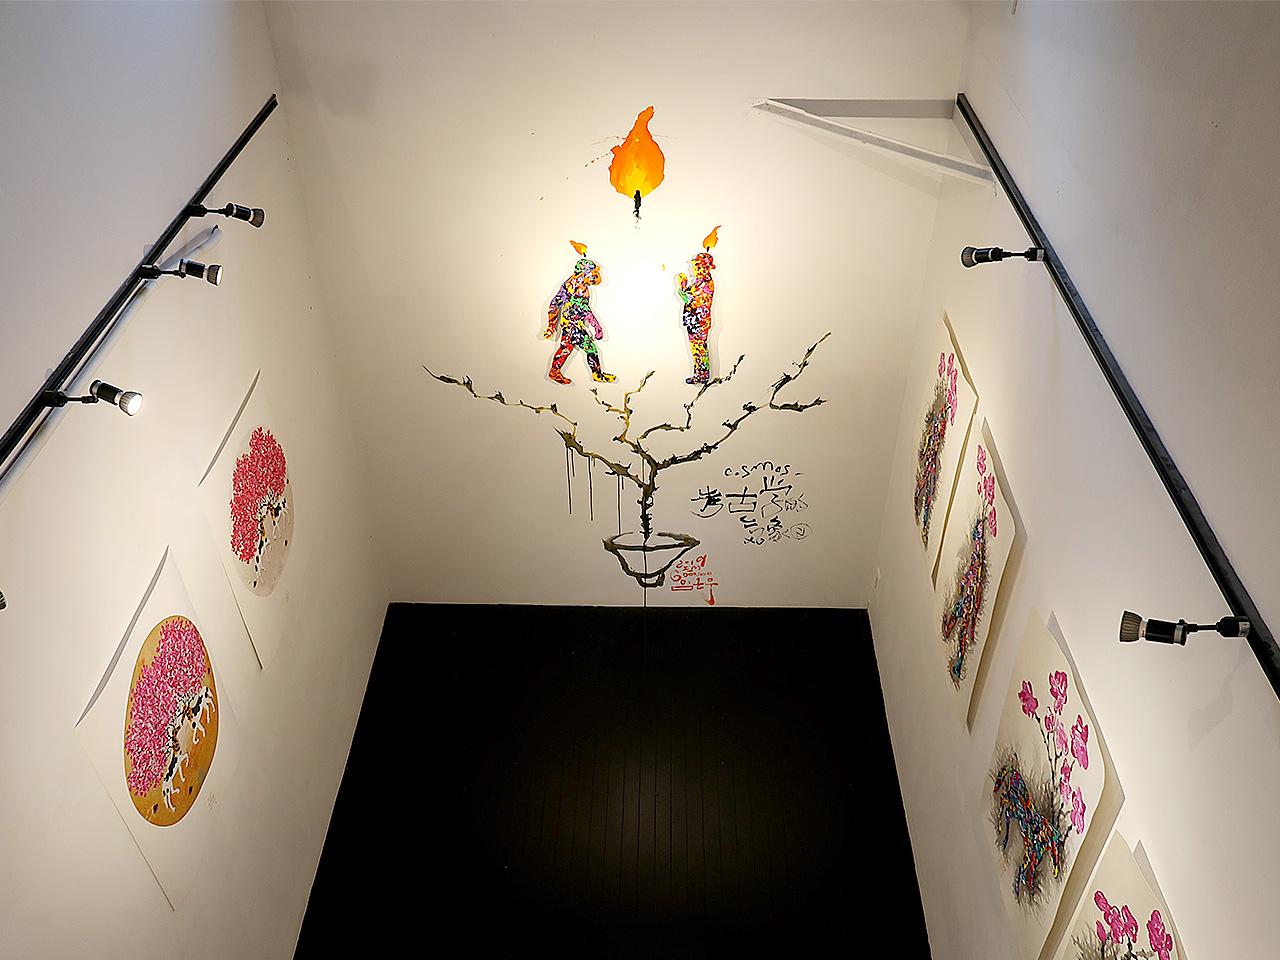 芦屋画廊kyoto 2Fから見下ろす